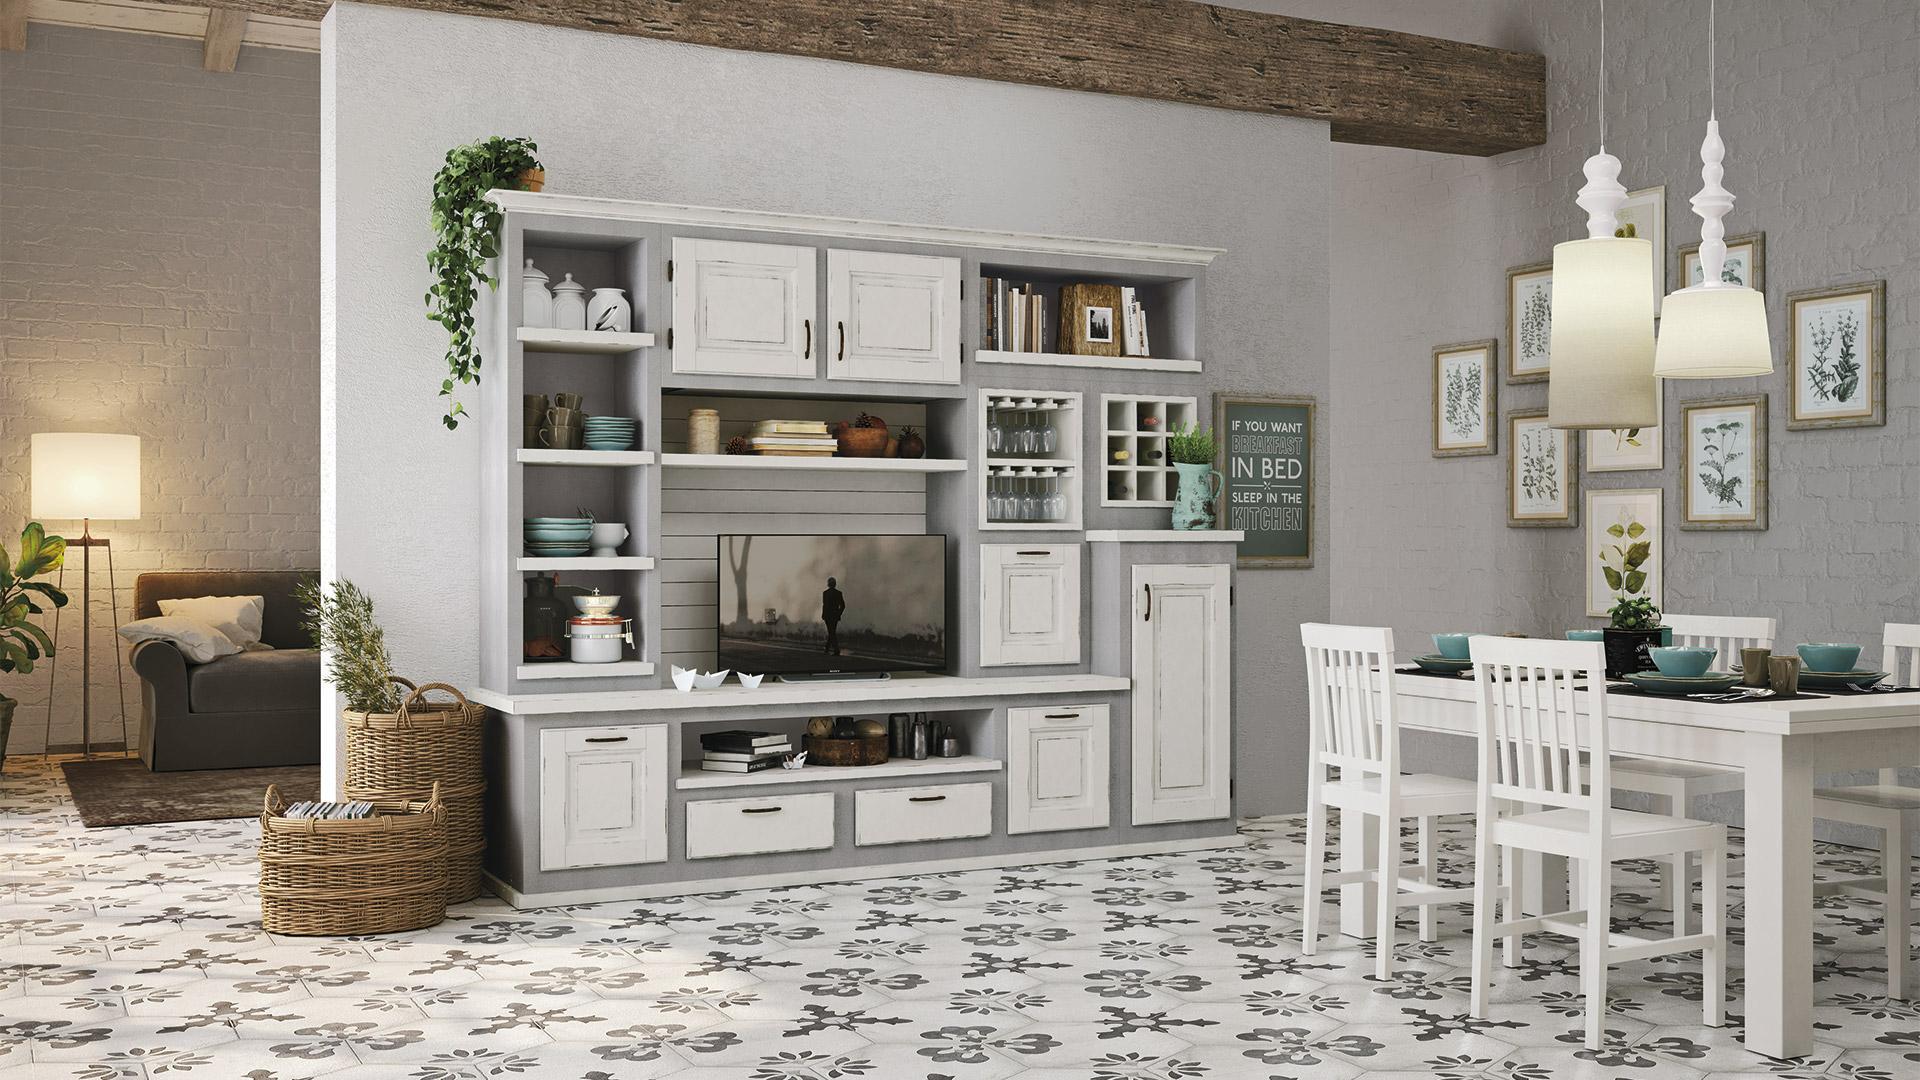 Cucina Onelia Lube Collezione Borgo Antico